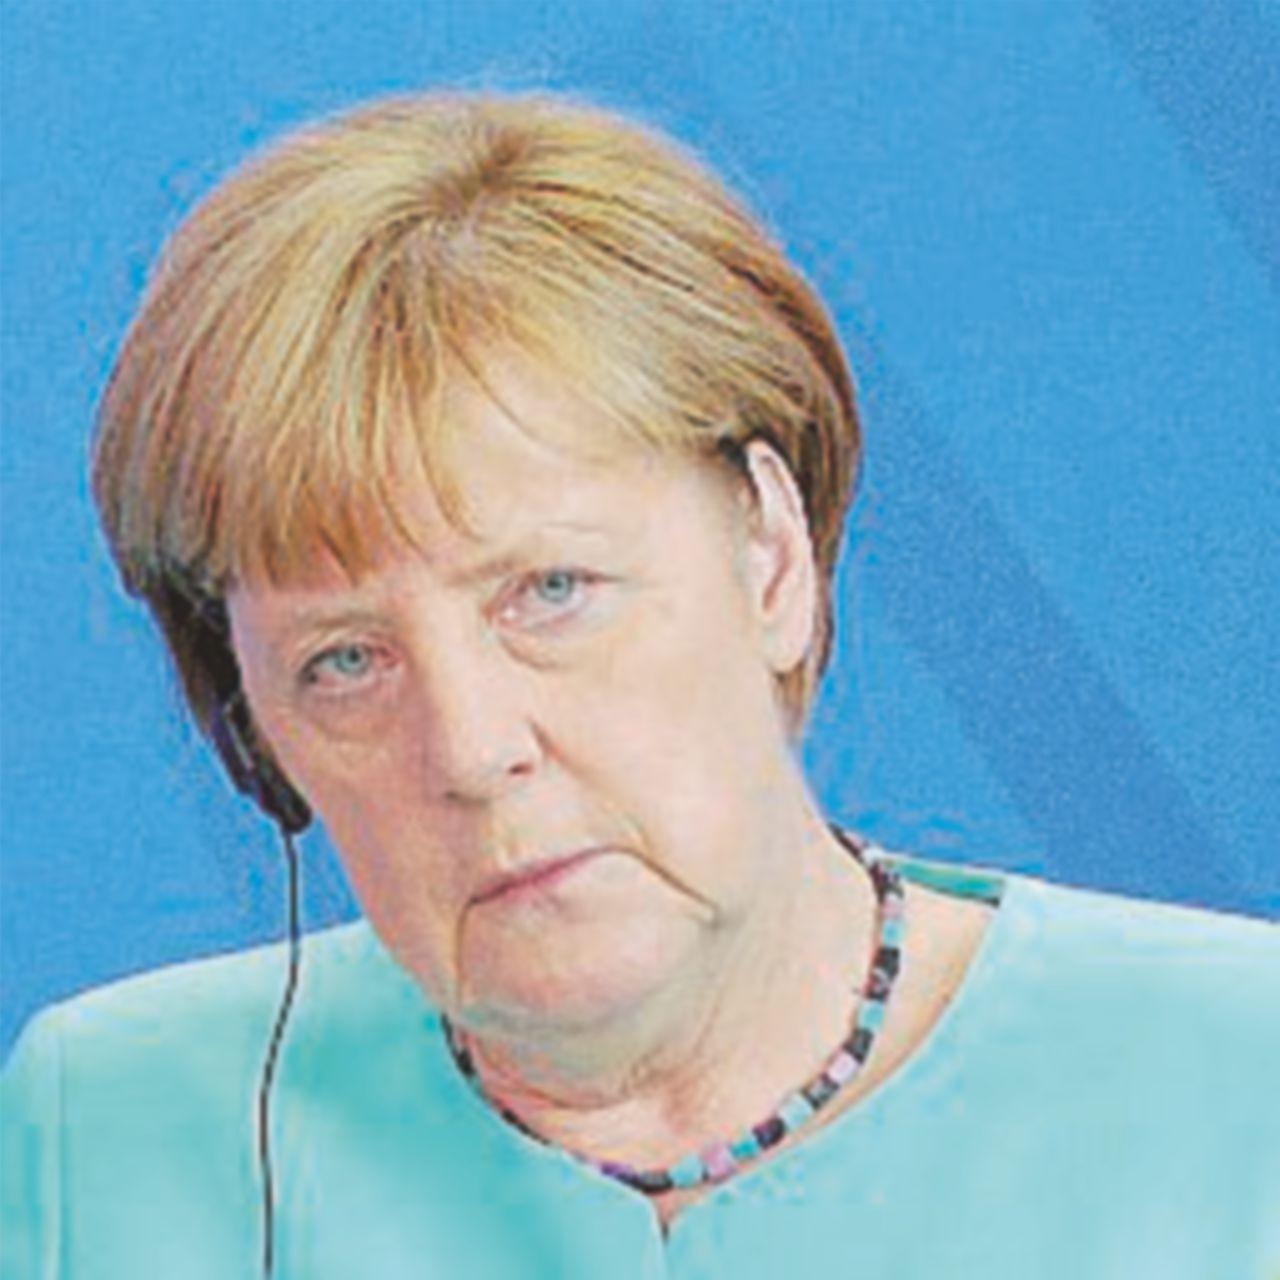 Terrorismo, diciotto mesi di sangue e l'Europa inerte